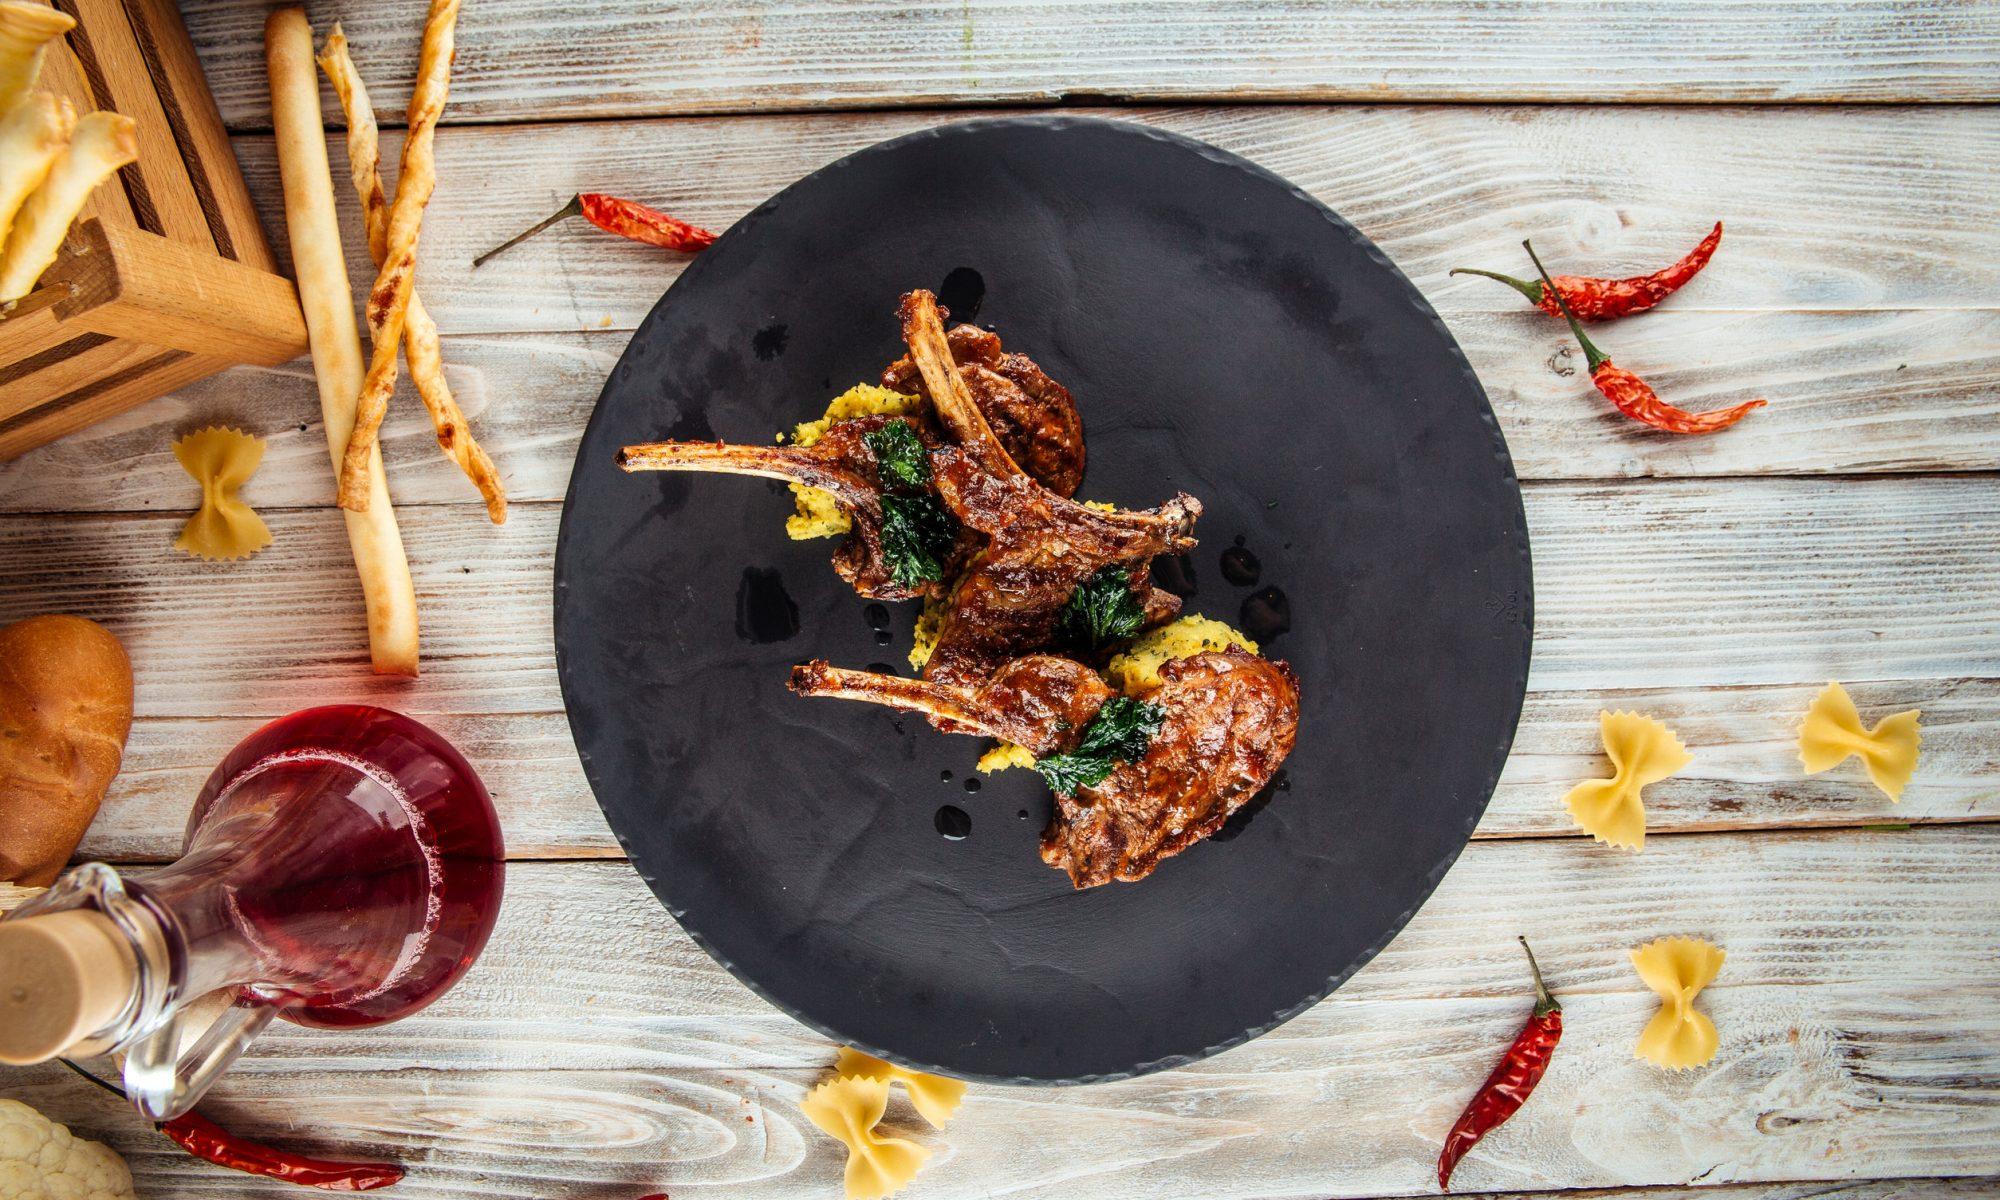 Базовый рецепт антрекота из баранины